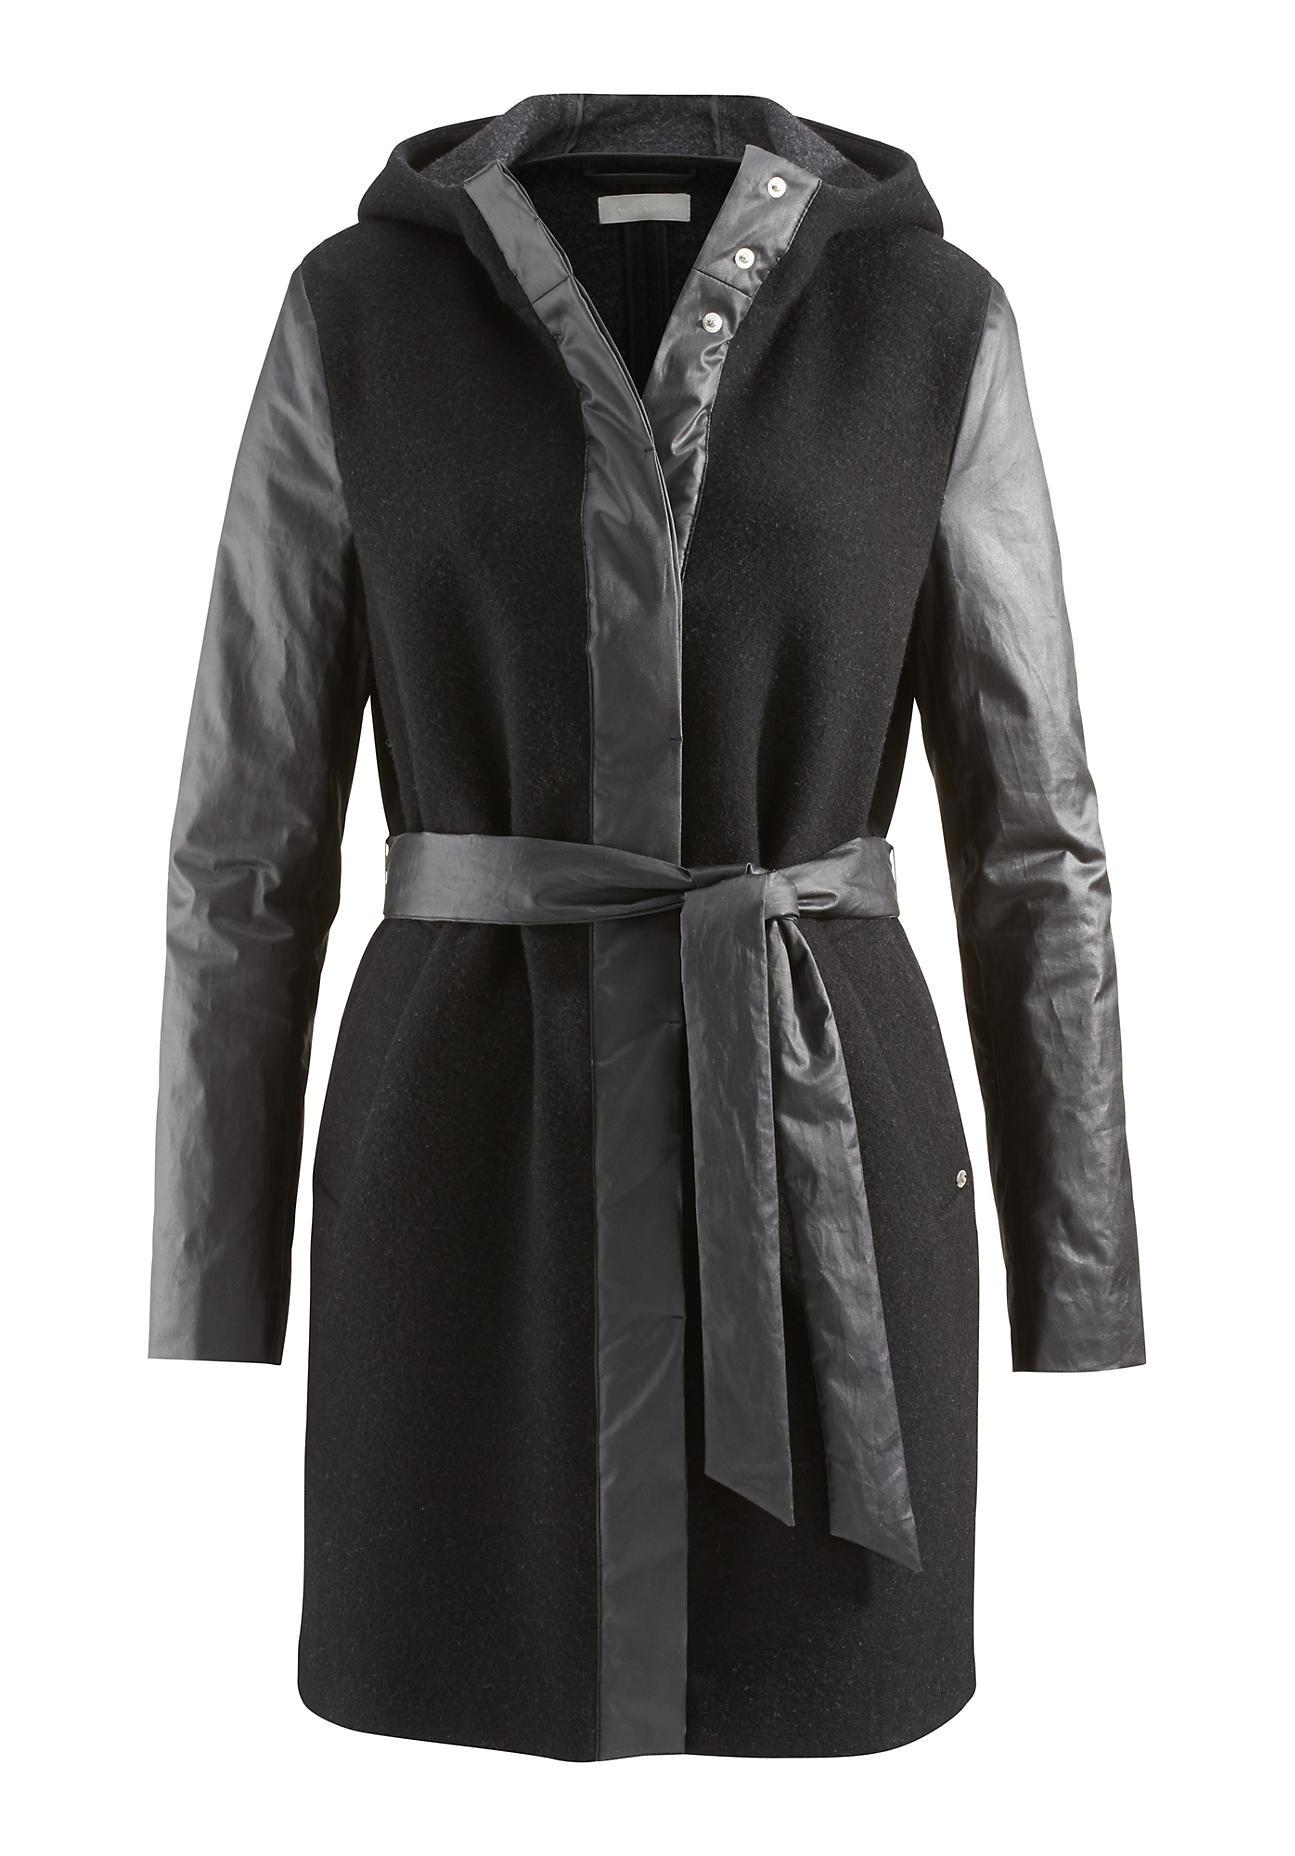 hessnatur Outdoor Damen Mantel aus Schurwolle mit Bio-Baumwolle – schwarz – Größe 40 | Sportbekleidung > Sportmäntel > Outdoormäntel | Schwarz | Baumwolle | hessnatur